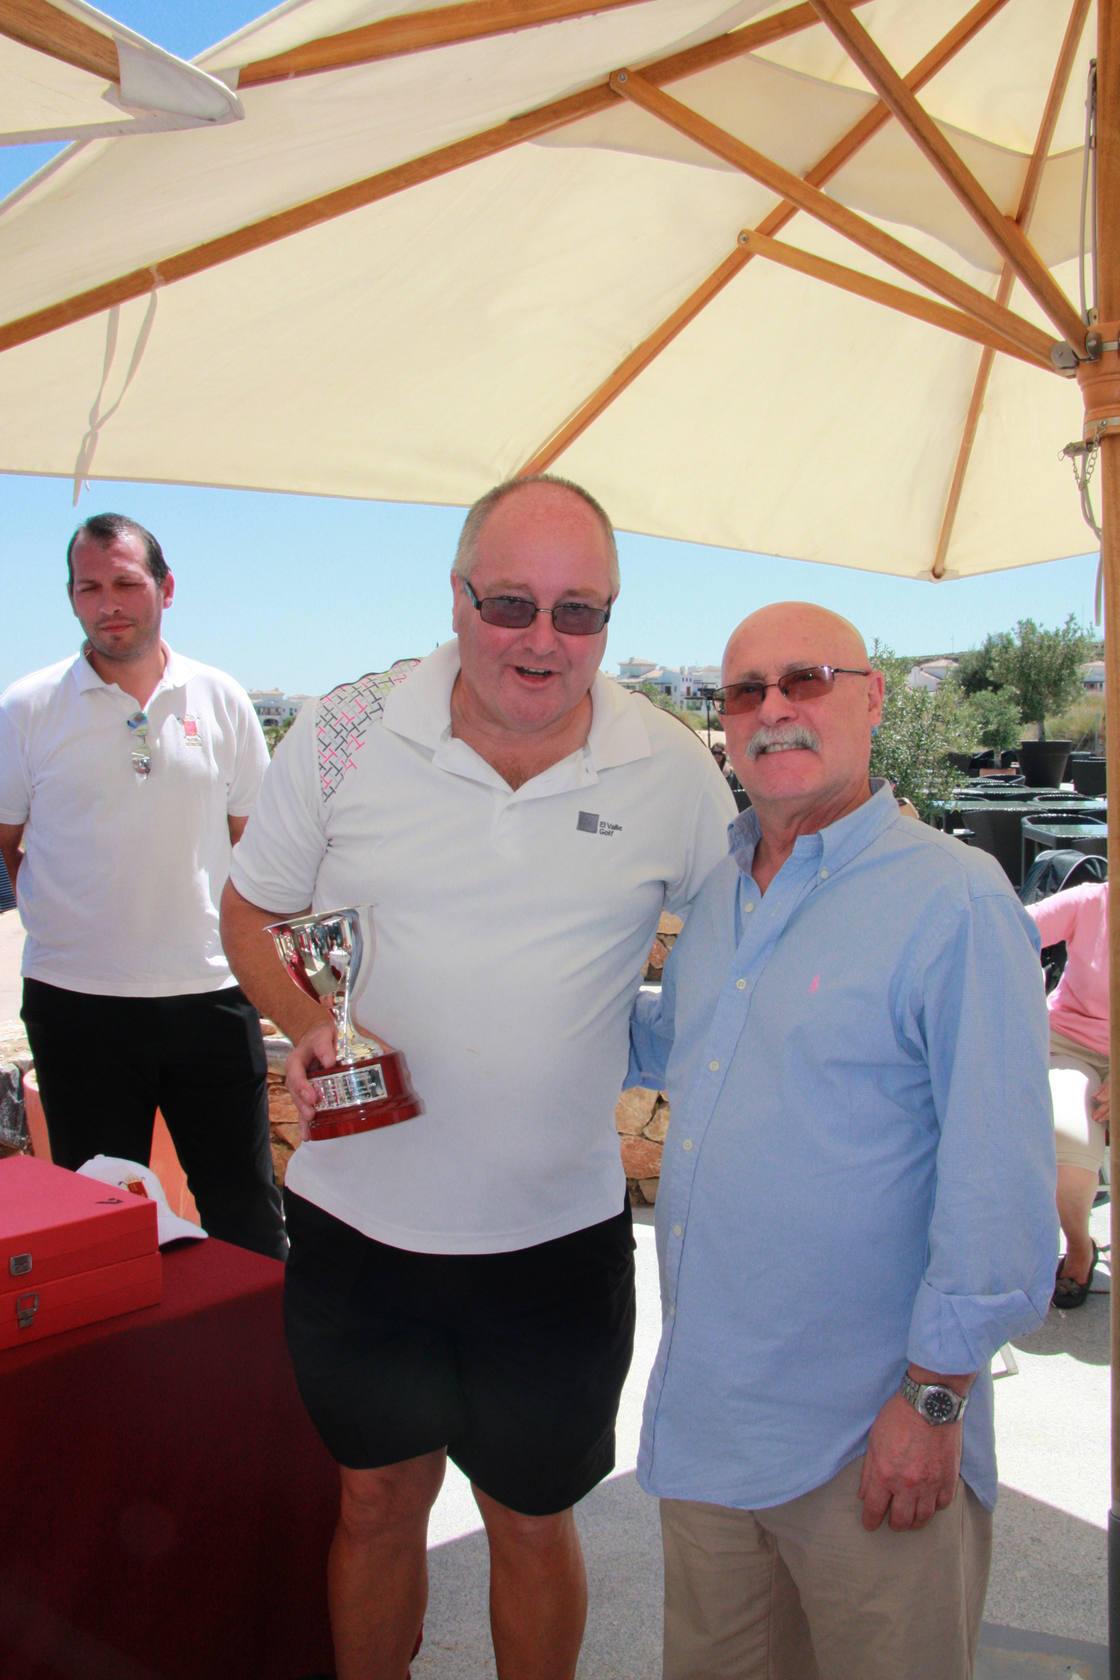 VII edición del Campeonato Senior de la Federación de Golf de la Región de Murcia